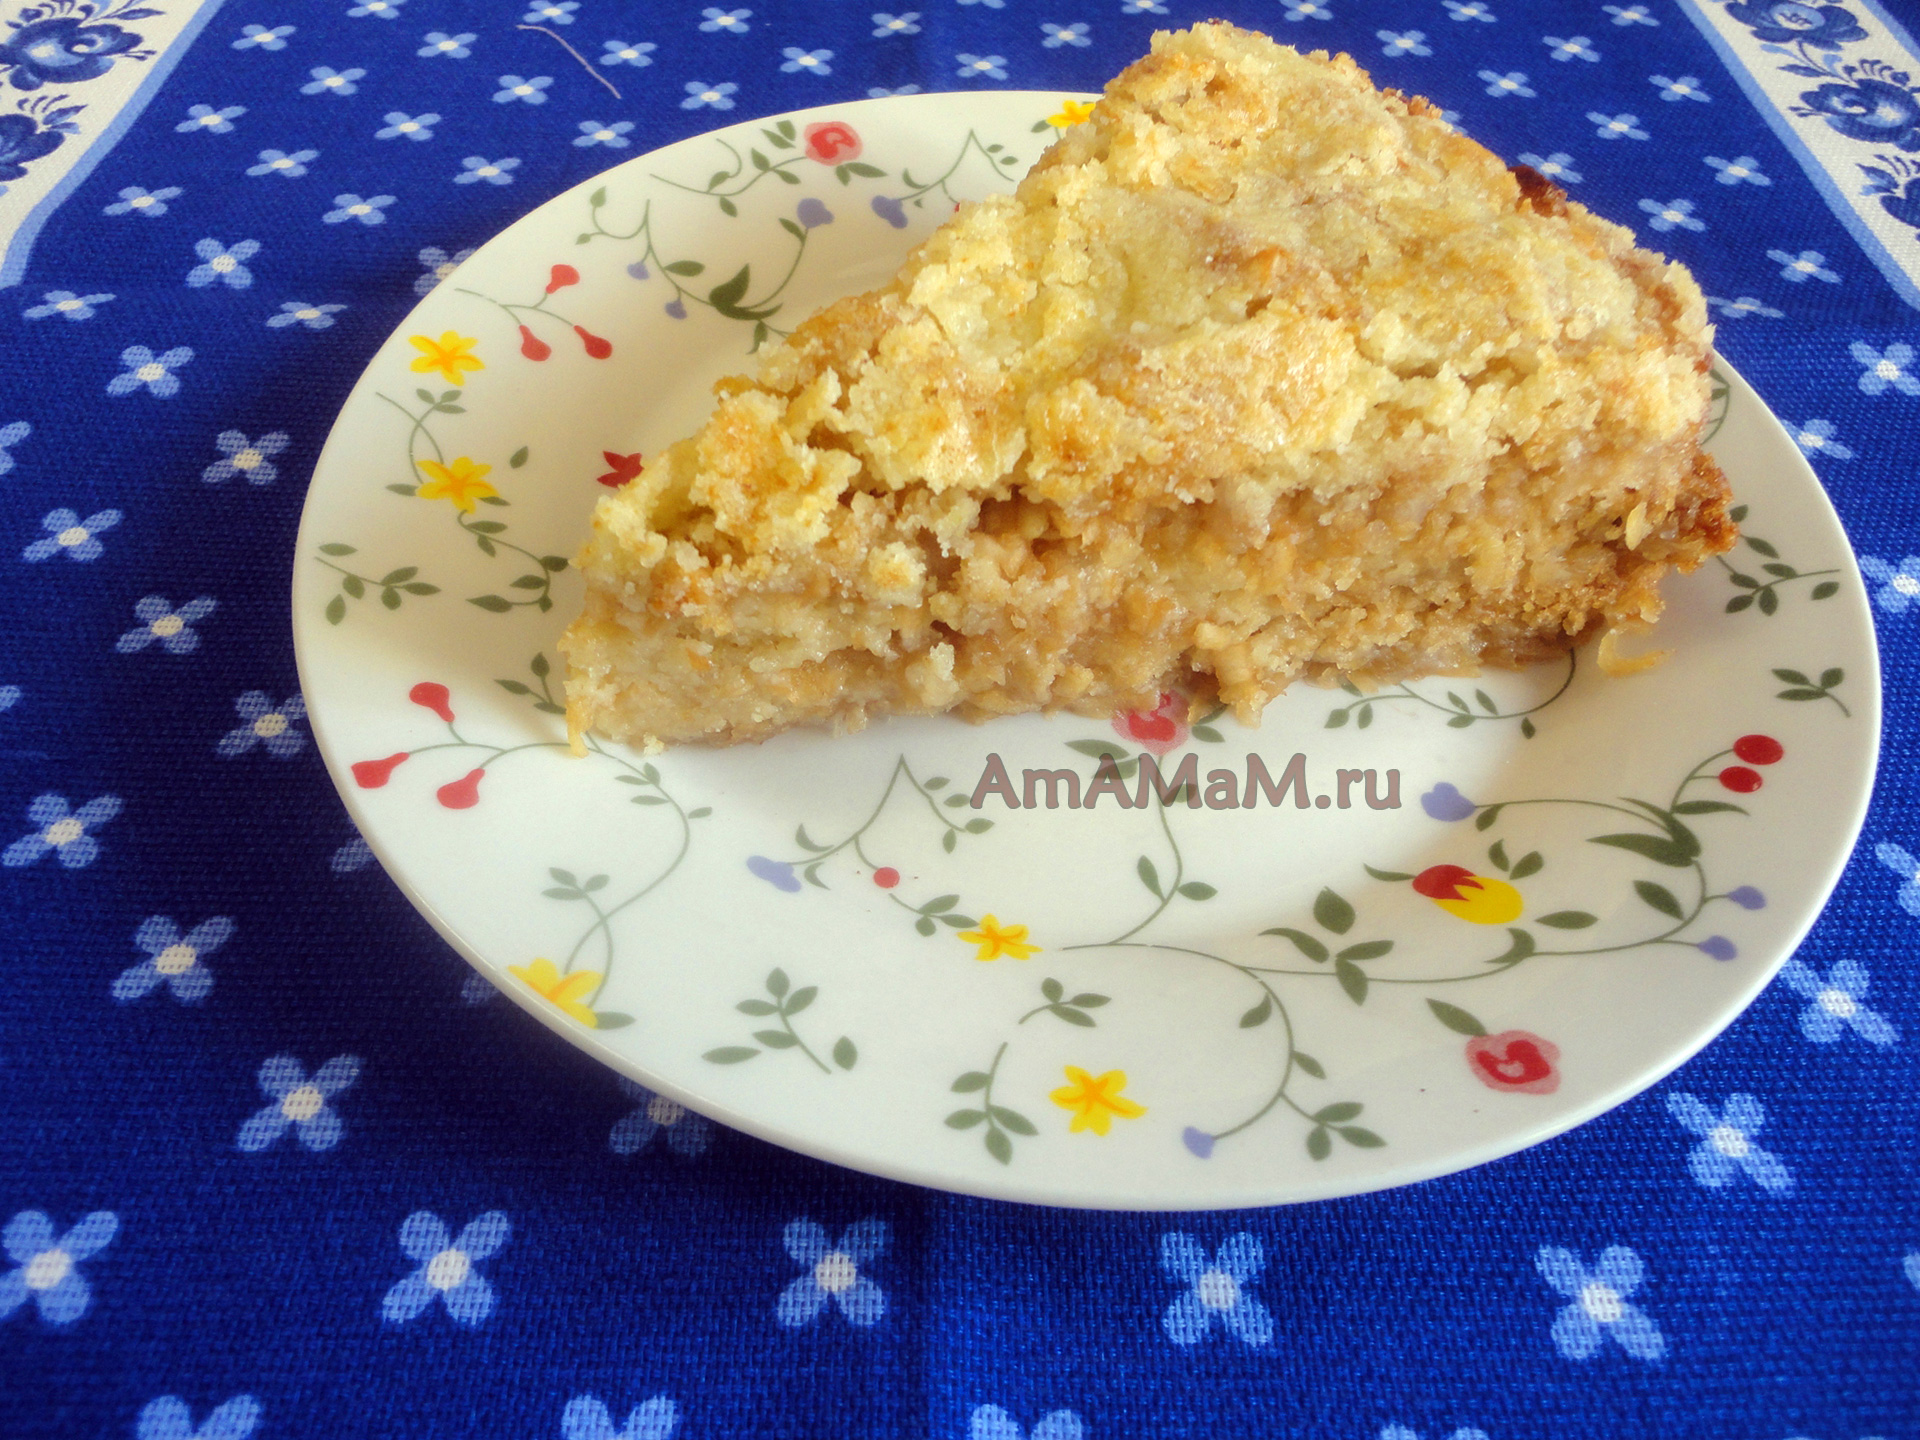 Слоеный насыпной пирог - рецепт с яблоками